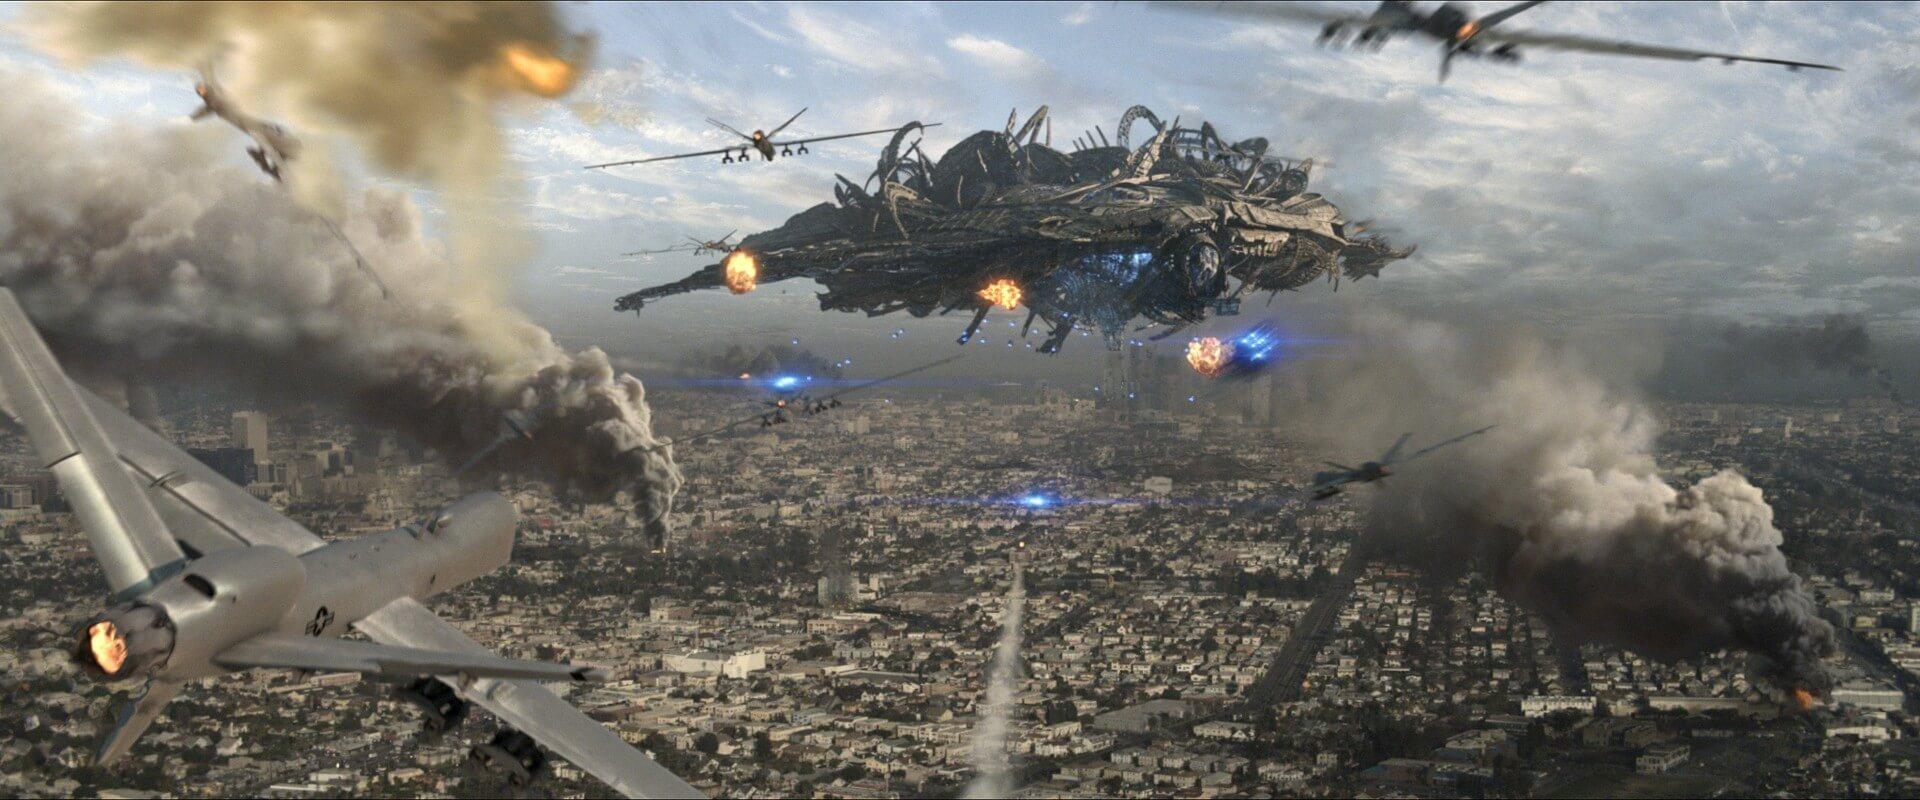 Batalha de Los Angeles